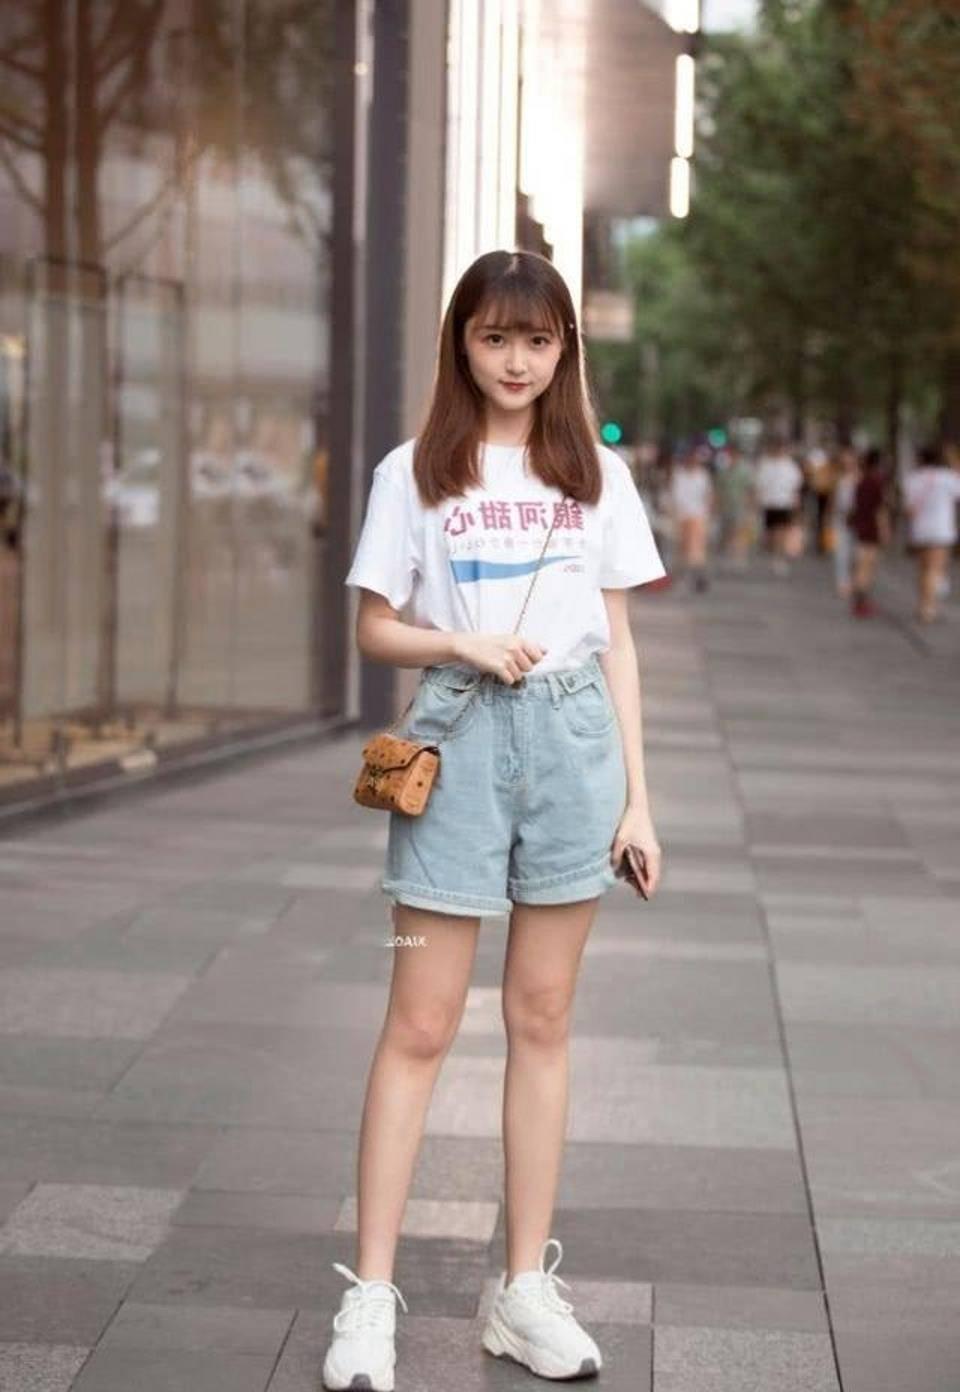 街拍,蓝色牛仔裤搭配甜心短袖,充满着帅气潇洒的活力